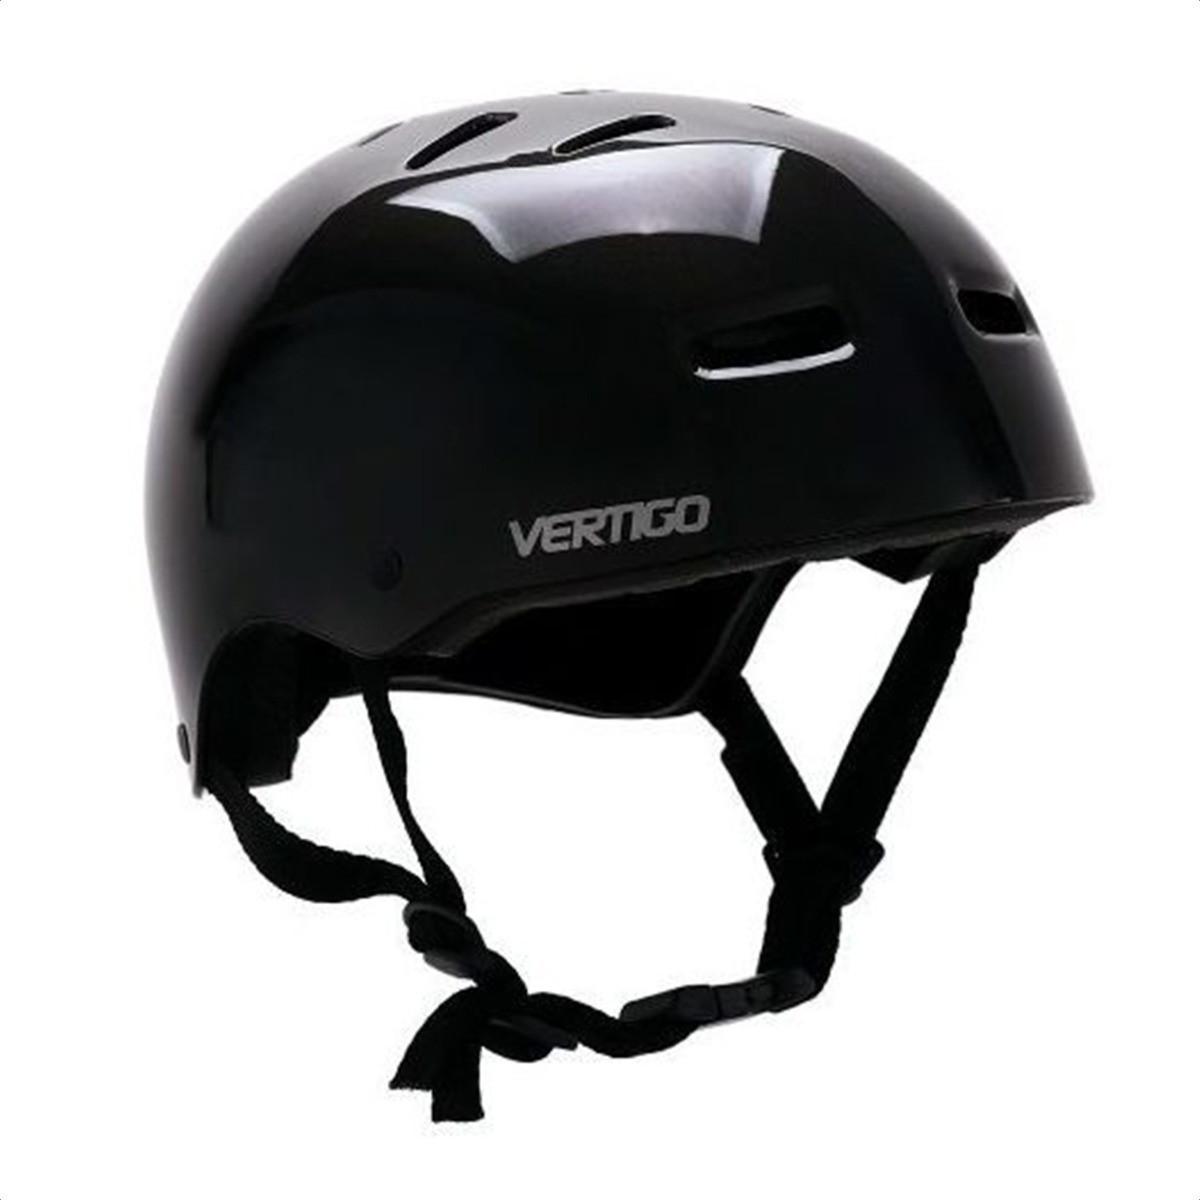 Casco Proteccion Bicicleta Vertigo Negro